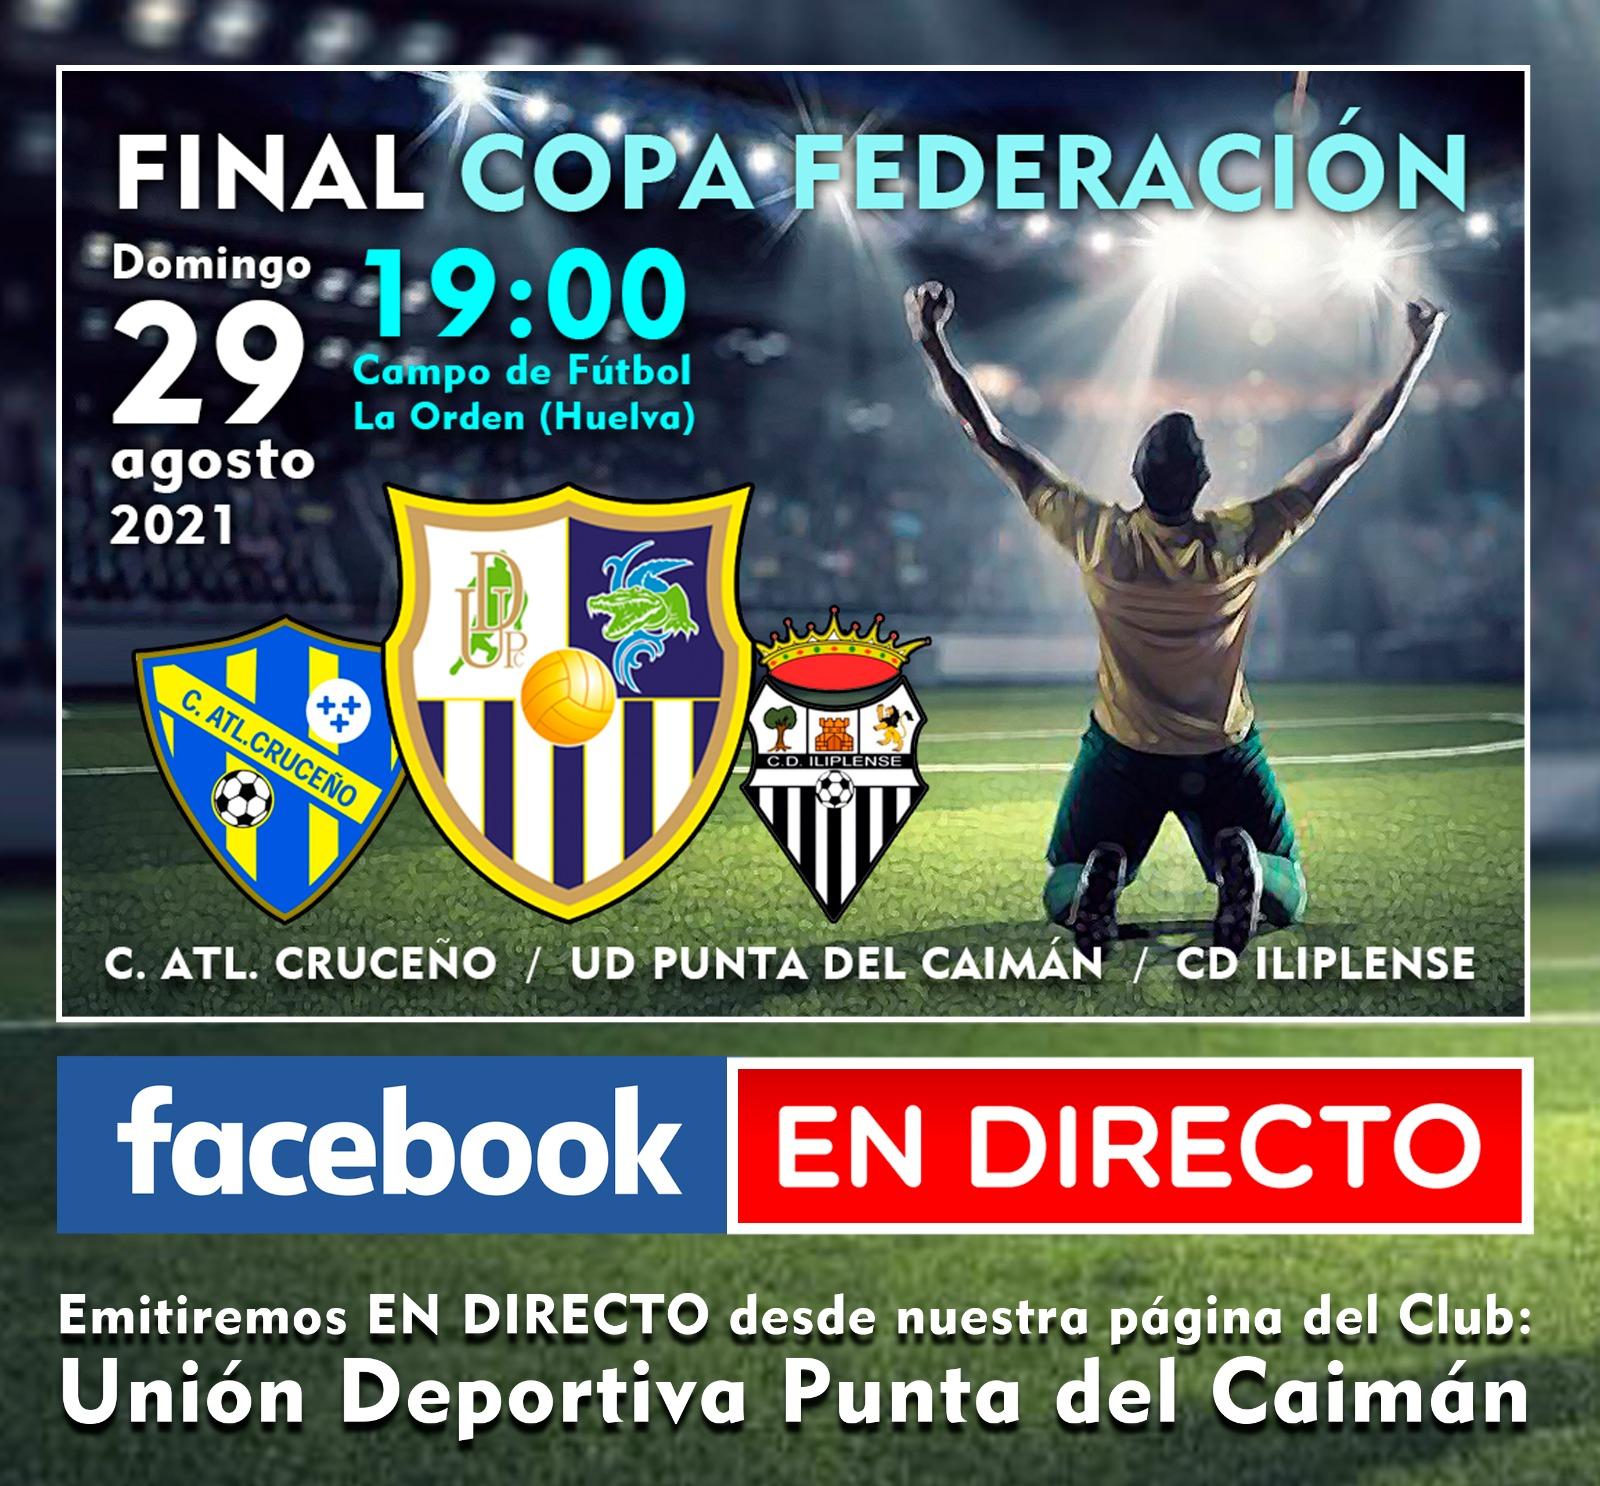 El Punta del Caimán a por la Copa Federación en Huelva